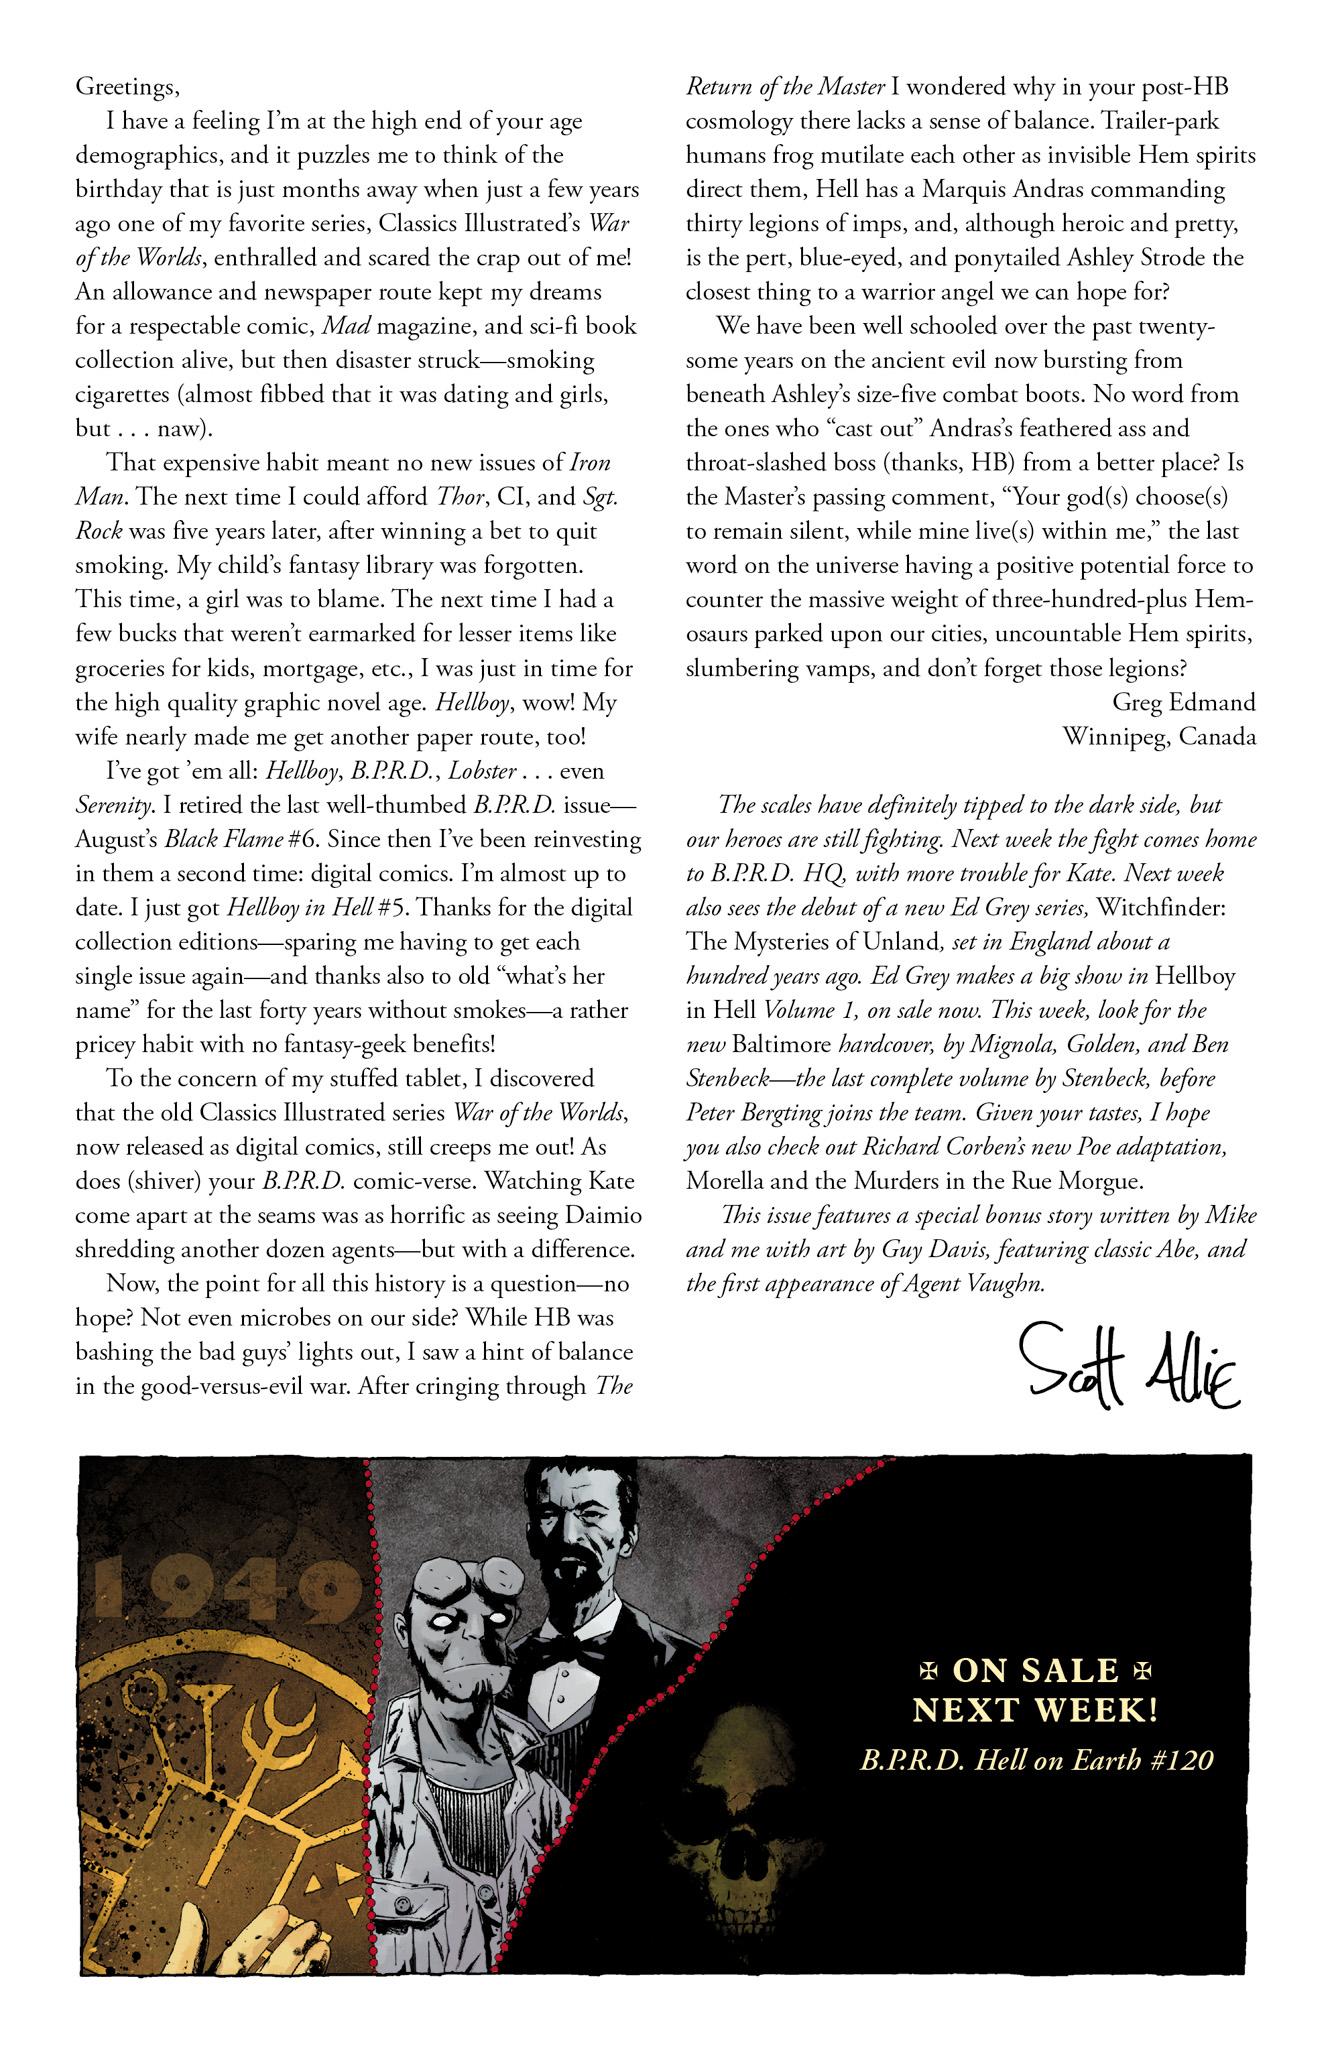 Read online Abe Sapien comic -  Issue #13 - 26